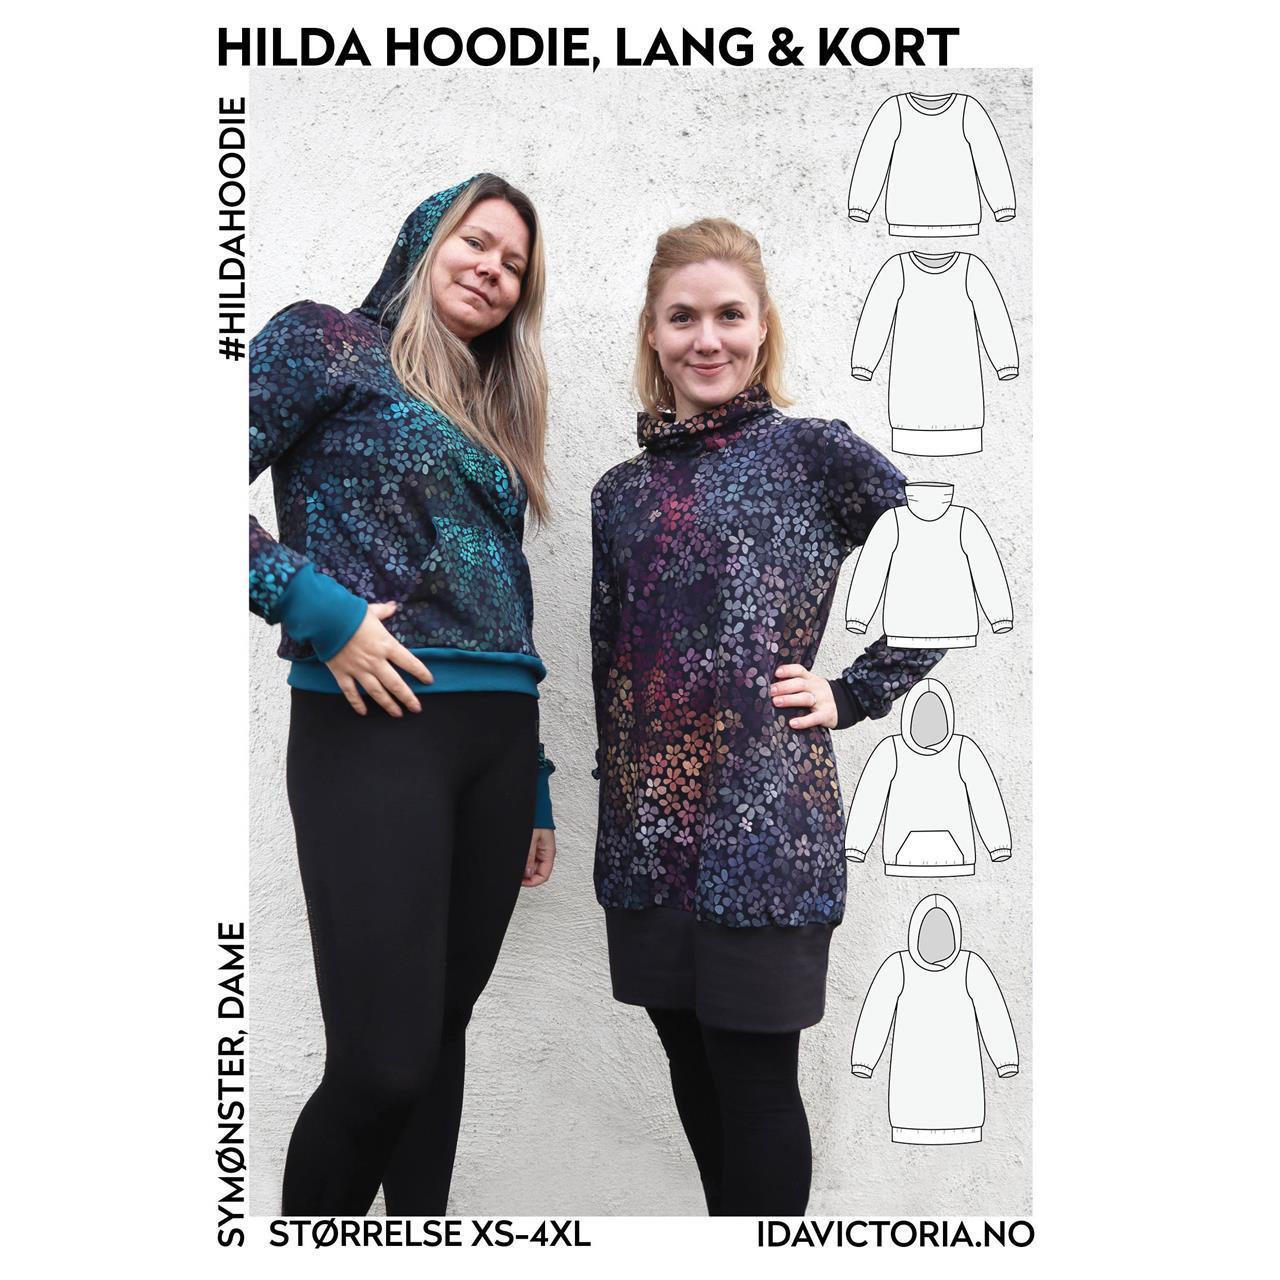 Hilda Hoodie, lang og kort